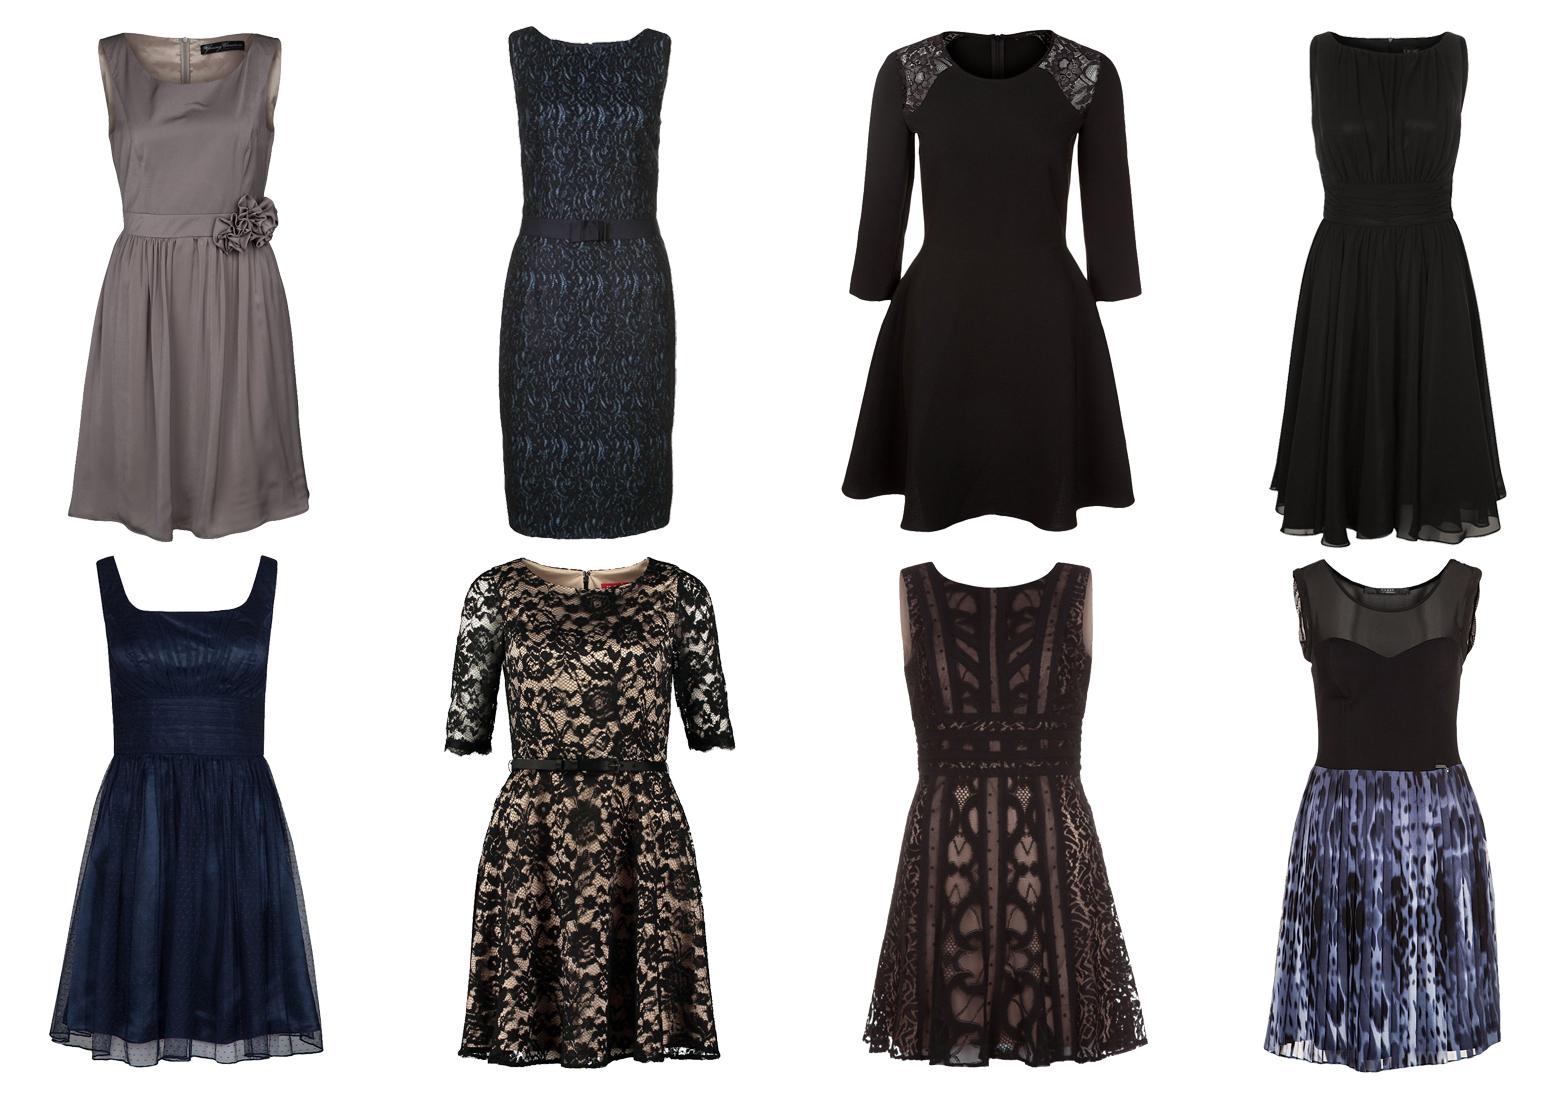 Osiem różnych sukienek studniówkowych